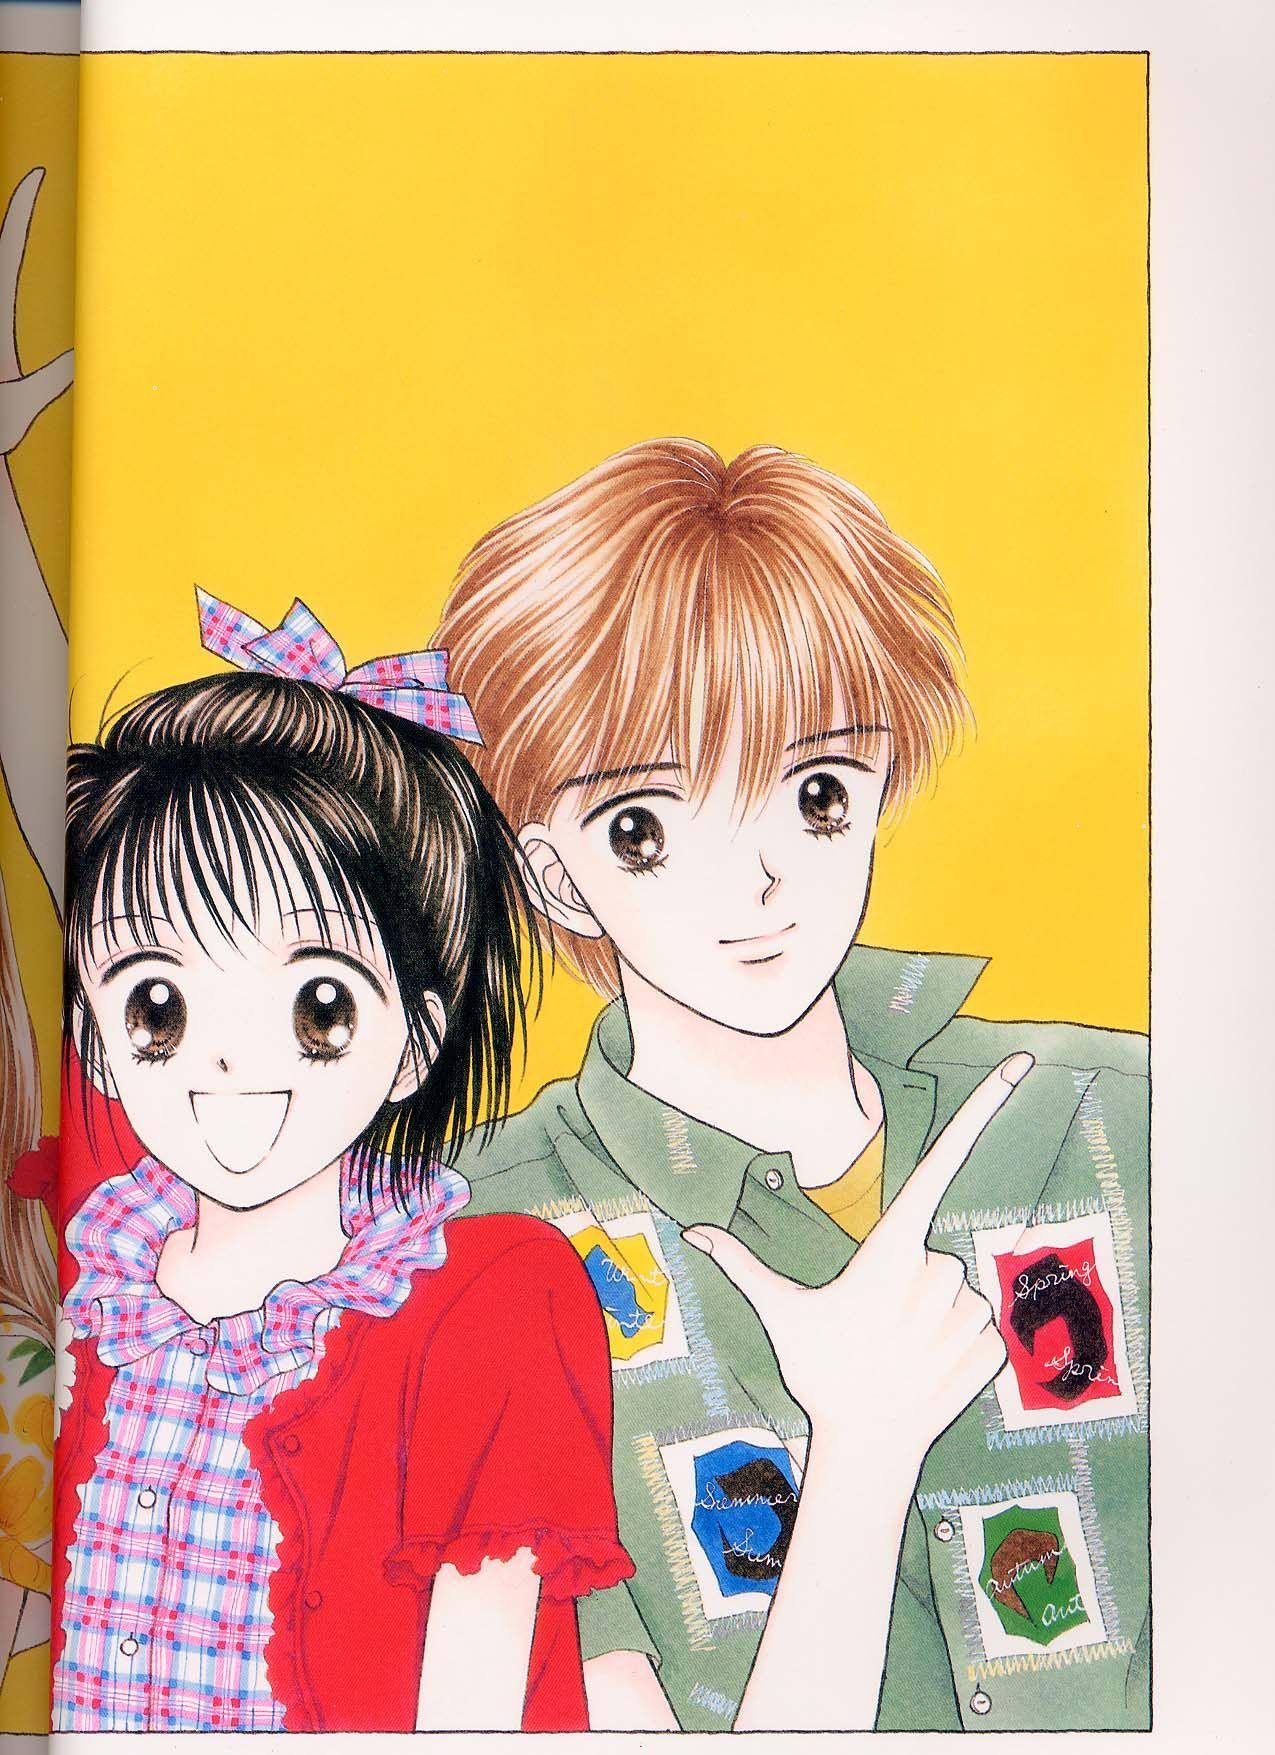 Marmalade Boy Miki y Yuu Minitokyo marmalade boy